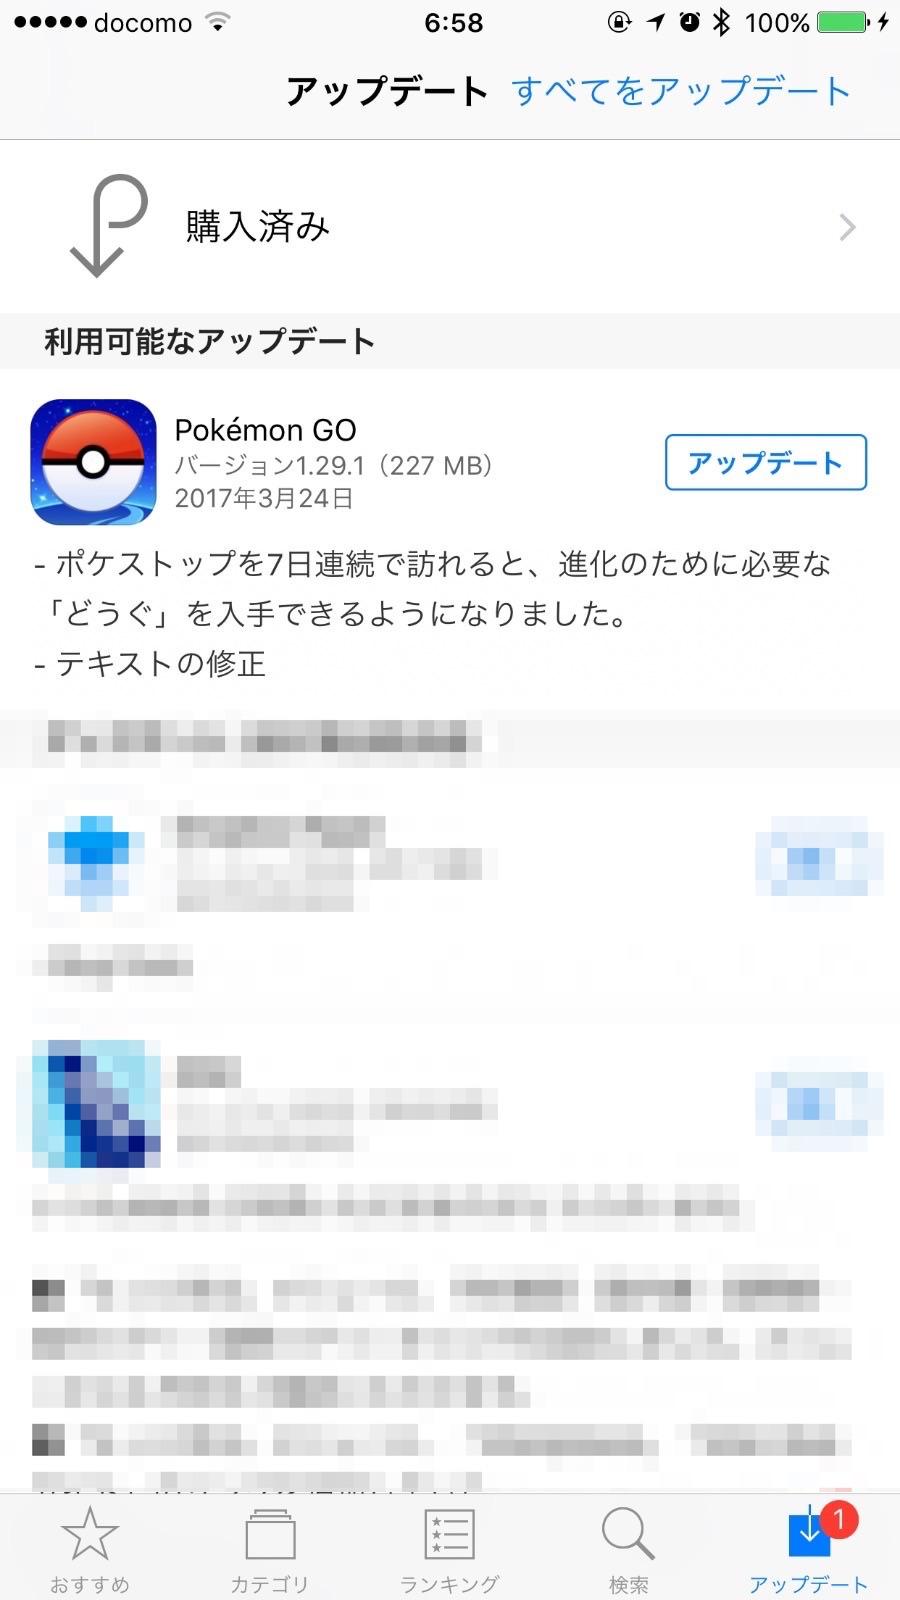 【ポケモンGO】iOS版バージョン1.29.1リリース